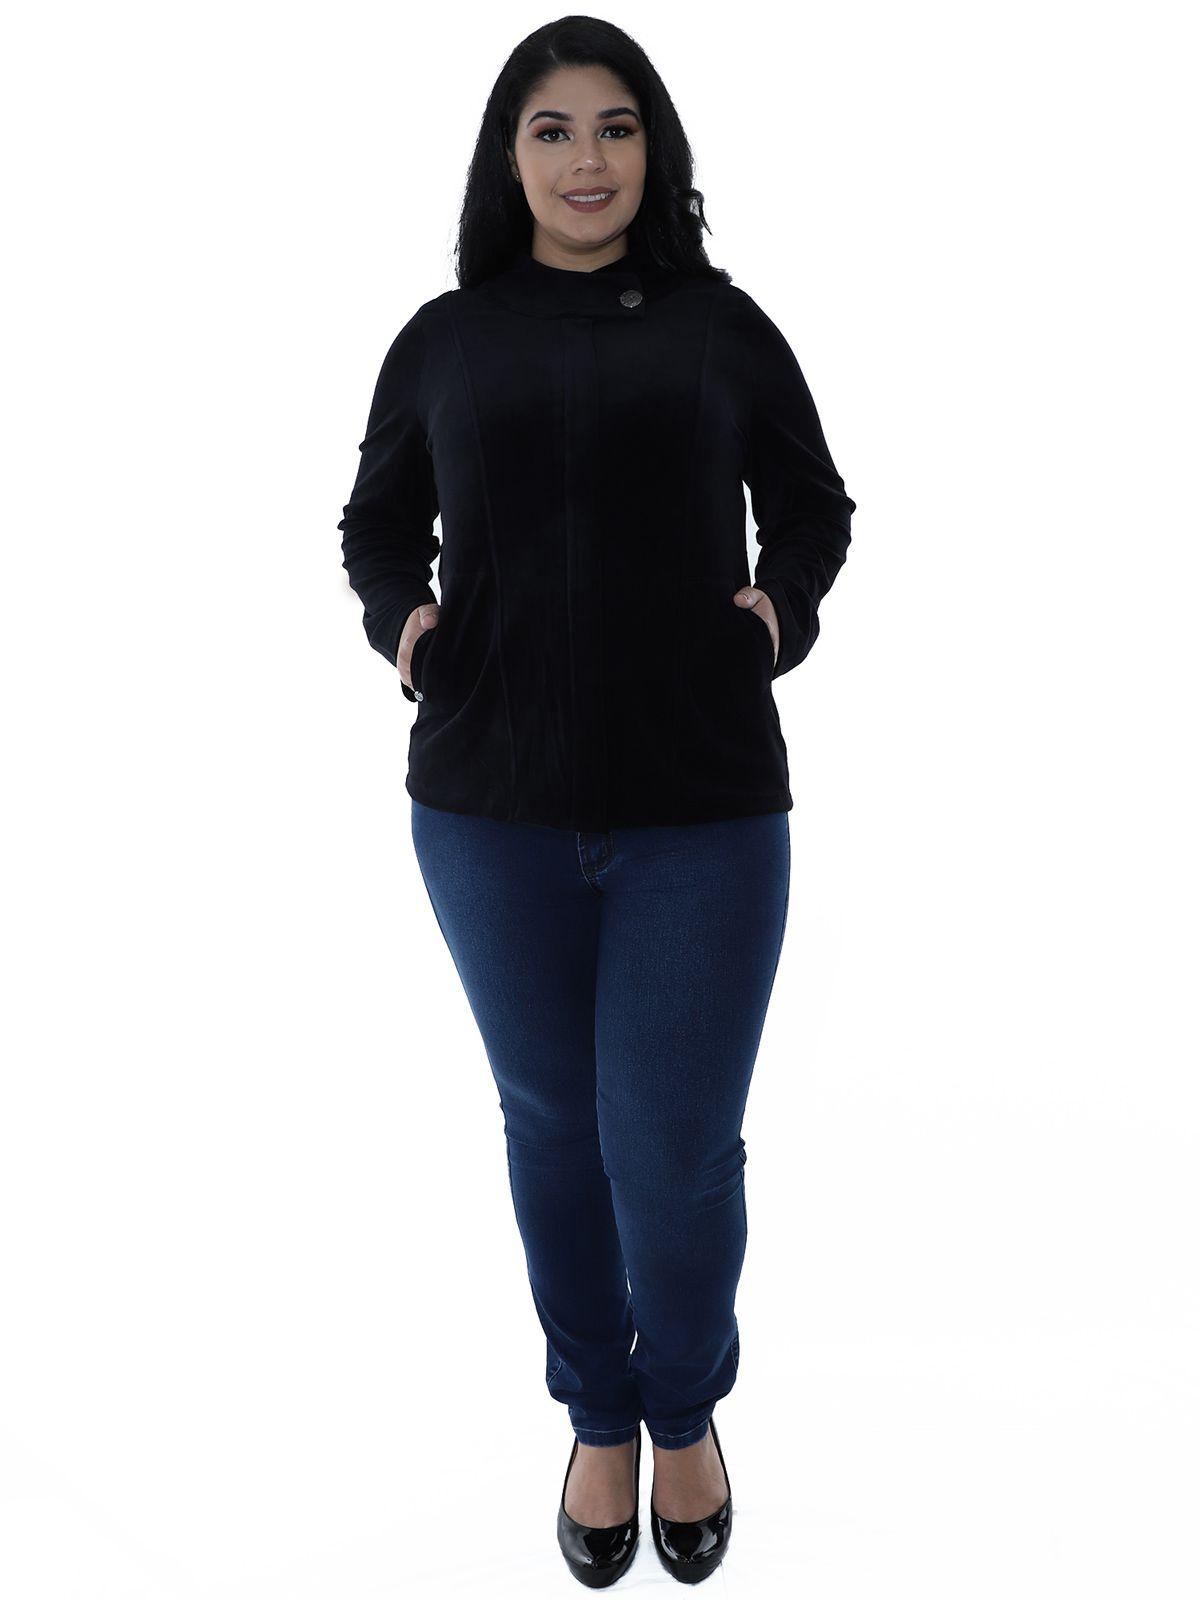 Casaco Plus Size de Plush Gola Diferenciada Preto